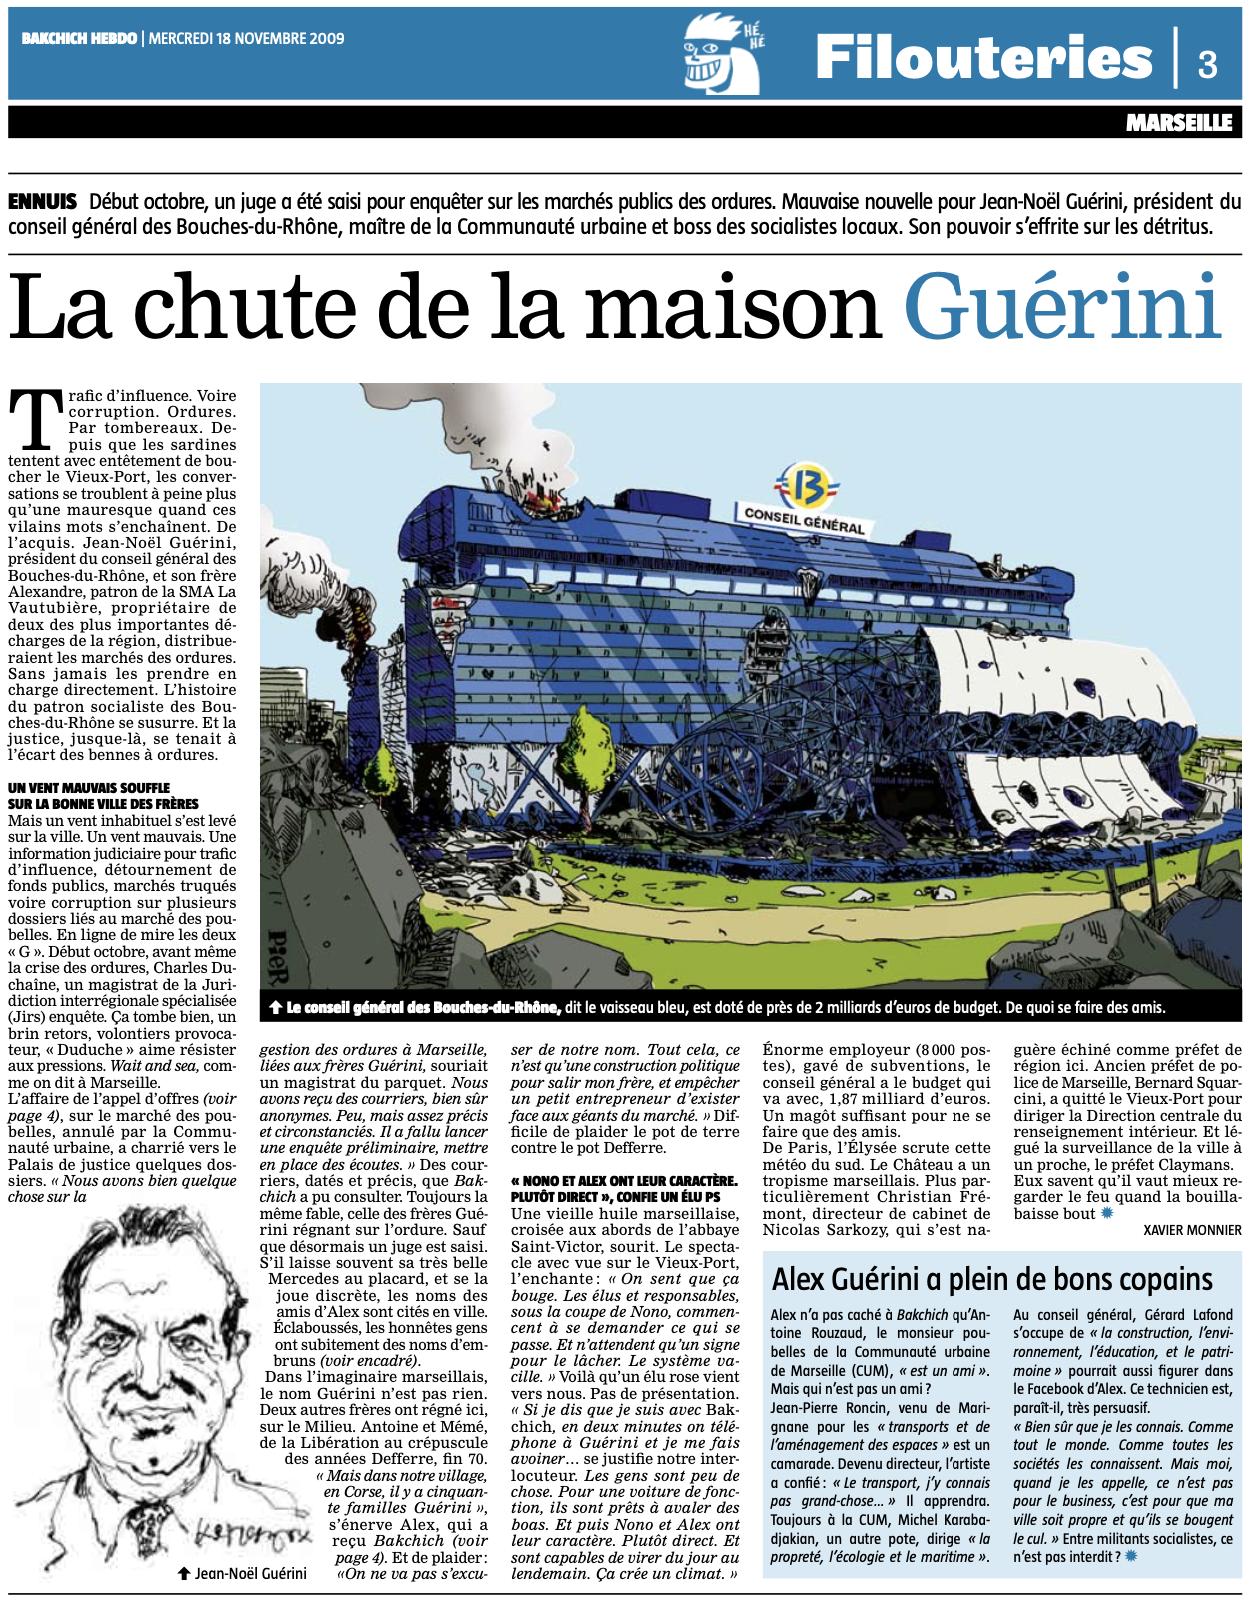 Le 18 novembre 2009, révélée dans Bakchich, l'affaire Guérini fait irruption sur la place publique. Elle va obséder Marseille jusqu'à aujourd'hui...